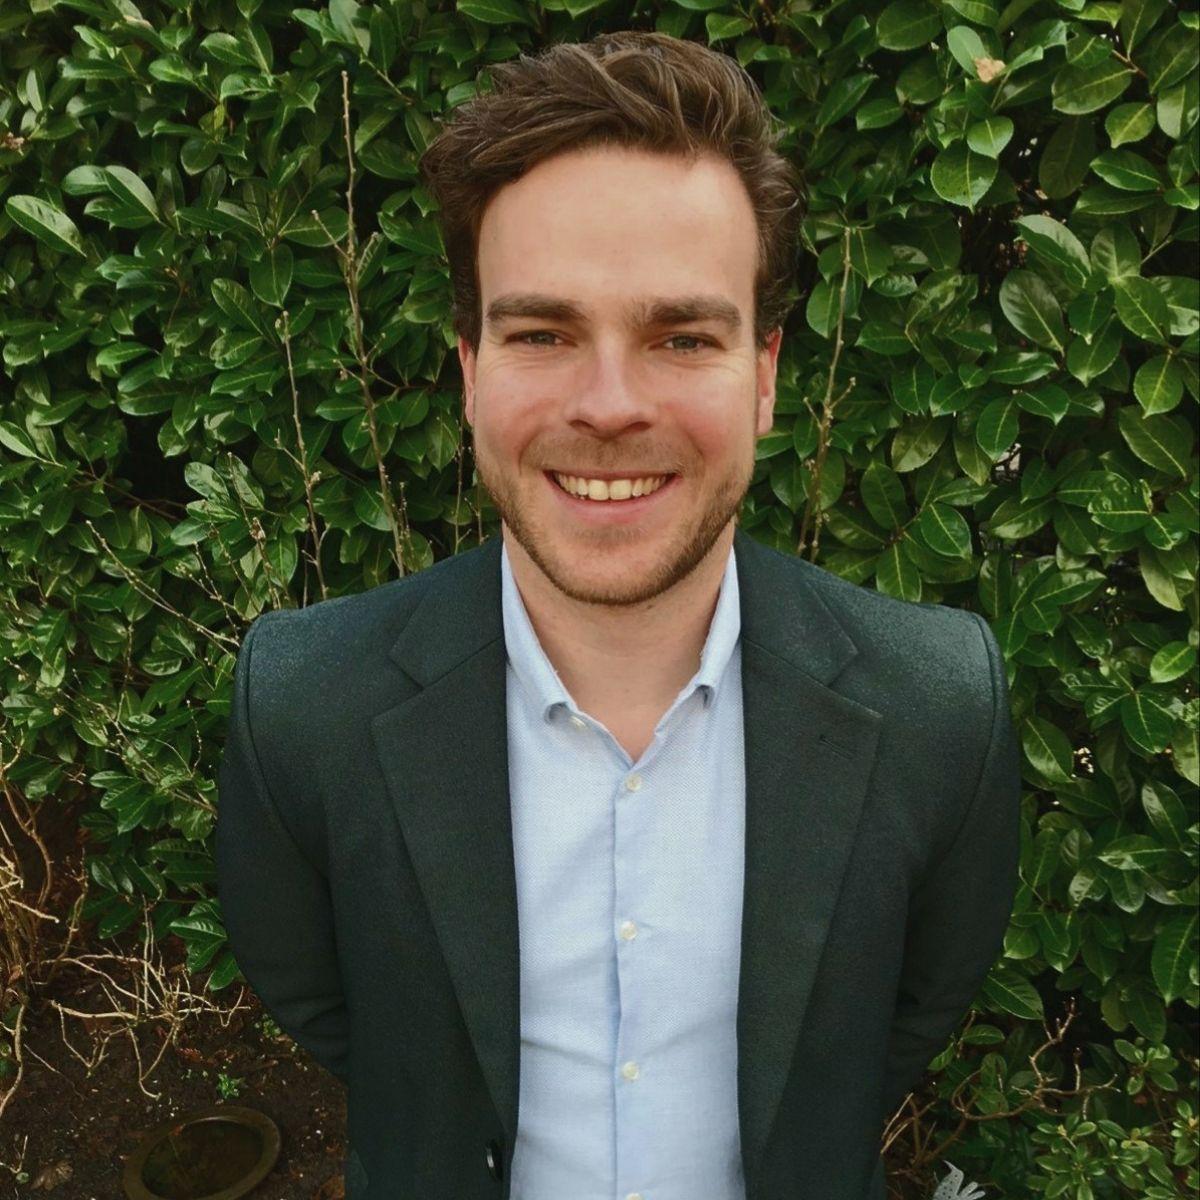 Nieuwe uitdagingen: Wouter vertelt over zijn consultancy kickstart